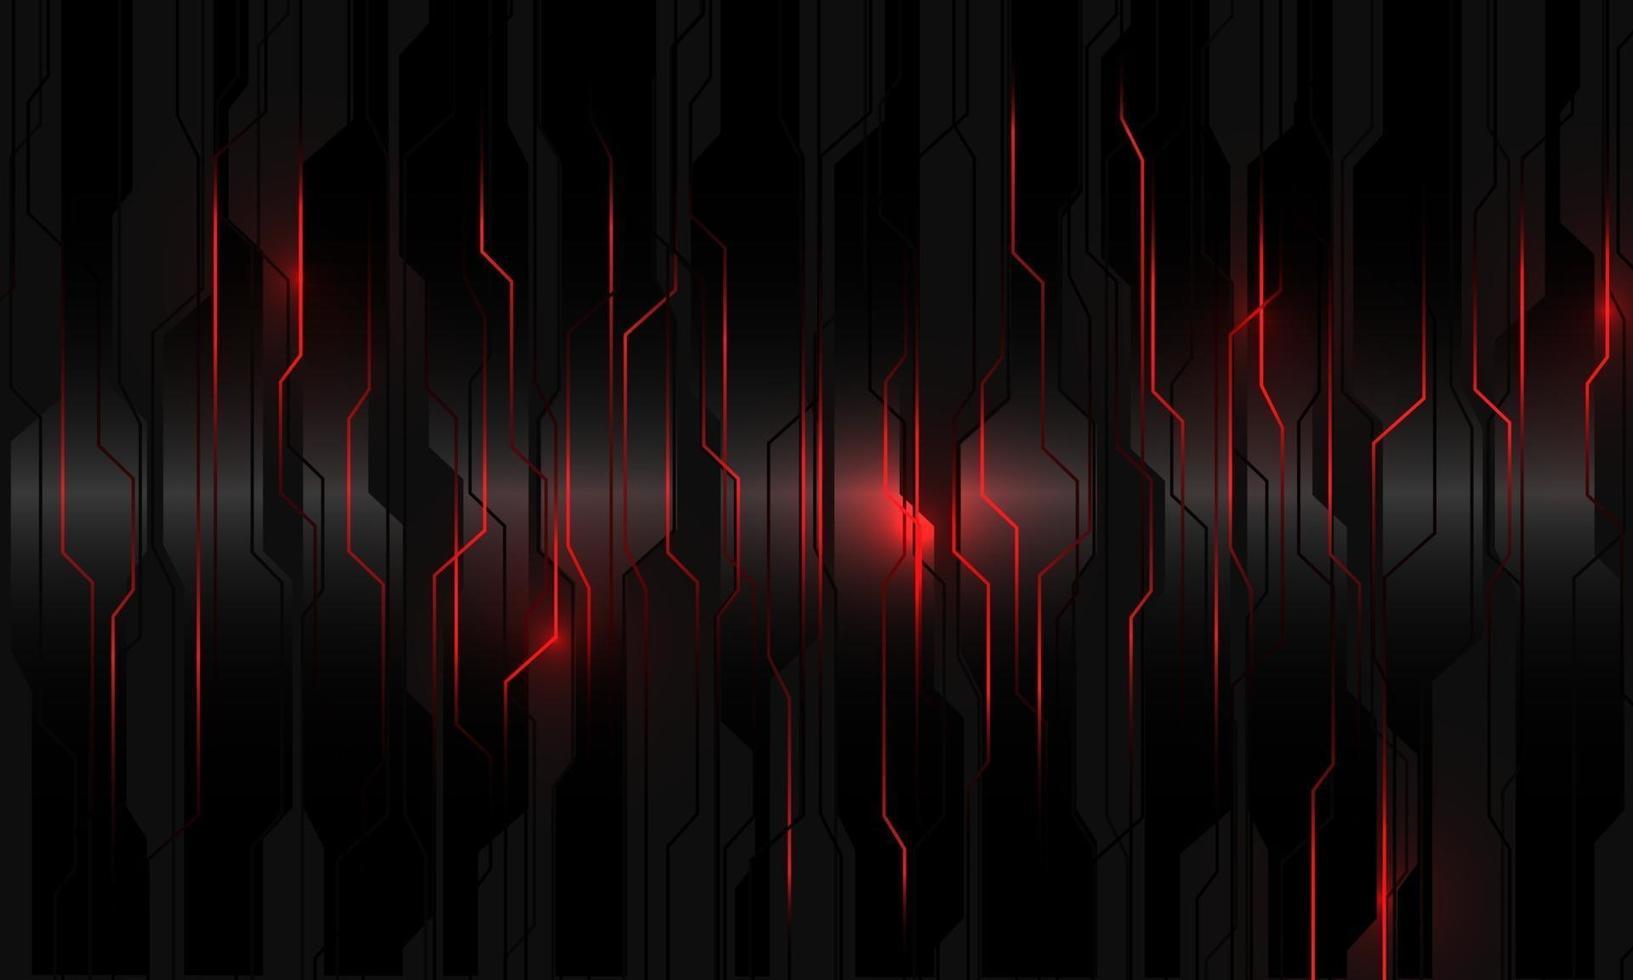 abstrakt strömkrets för rött ljus på svart metallisk cyber geometrisk design modern teknik futuristisk bakgrundsvektorillustration. vektor